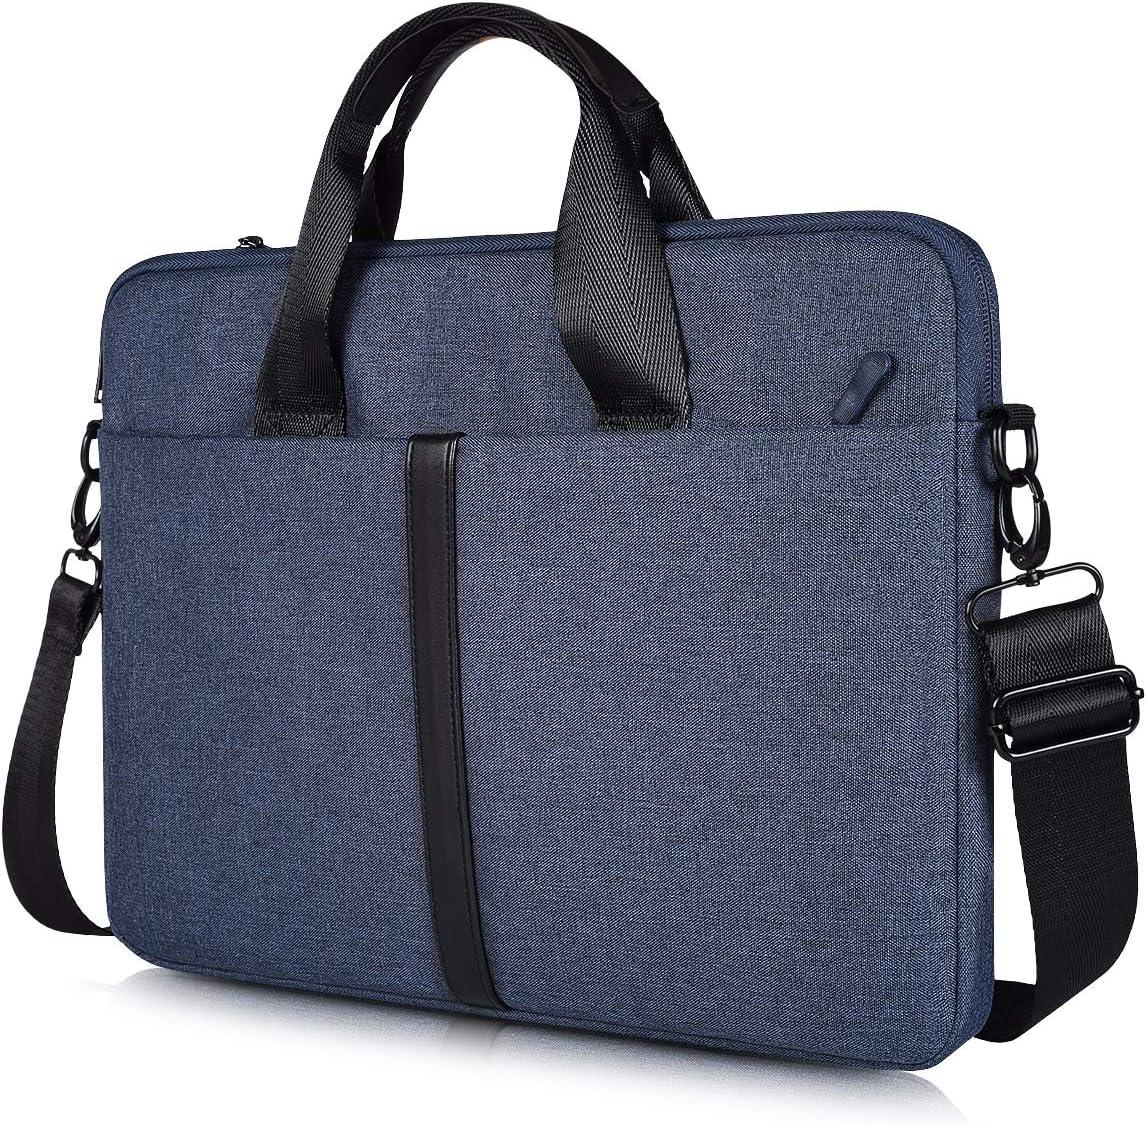 17.3 inch Laptop Shoulder Bag for HP 17.3 Laptop/Pavilion 17/ENVY 17/PROBOOK 17, Acer Aspire 17.3, Dell Inspiron 17 3000 5000, ASUS ROG, Slim & Lightweight Case for Travel, School, Office, Navy Blue